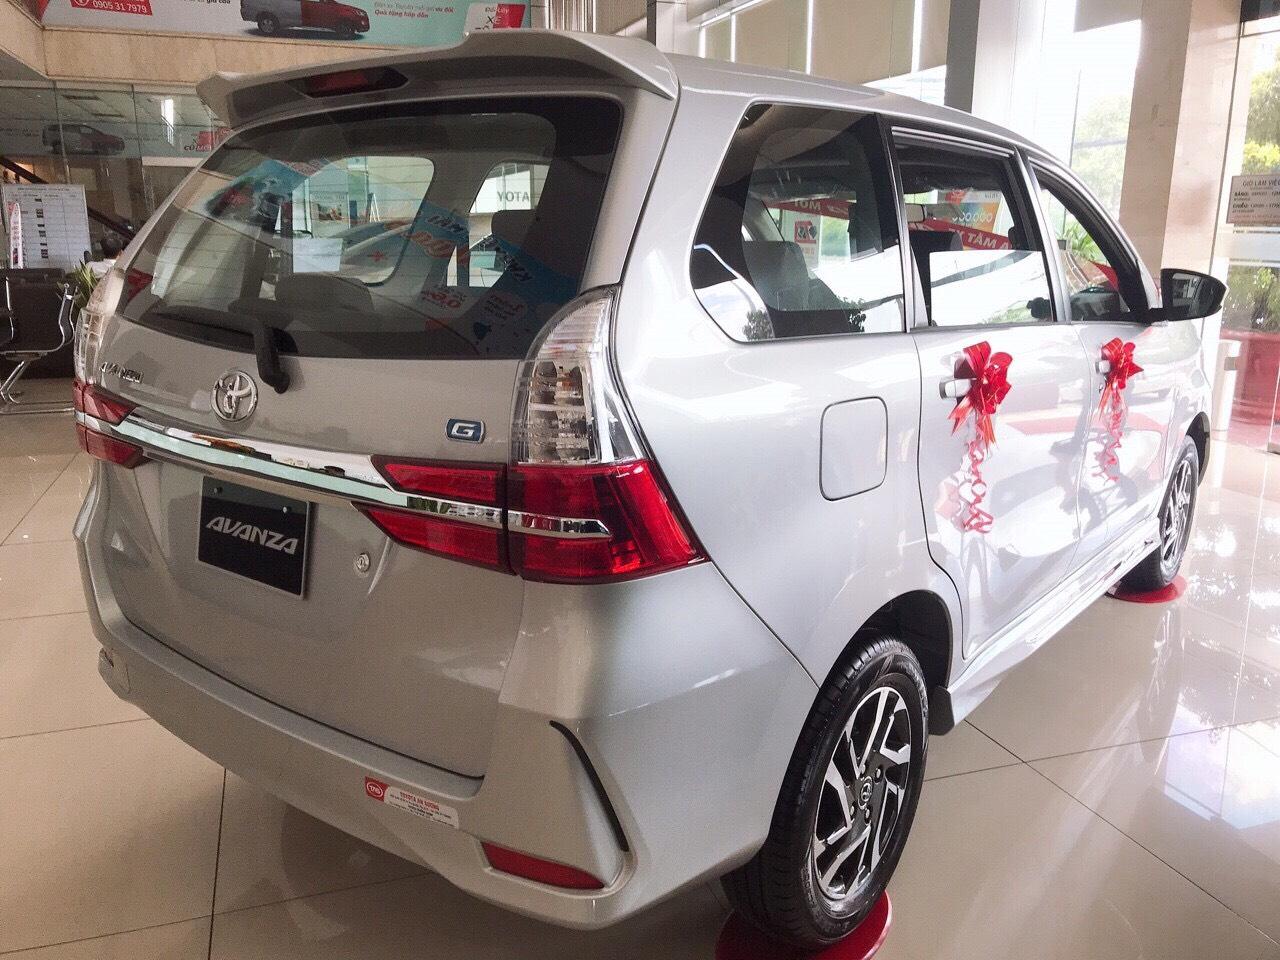 toyota avanza 2020 tai muaxegiabeo 7 - Avanza 1.5 AT [hienthinam] (số tự động): giá xe và khuyến mãi